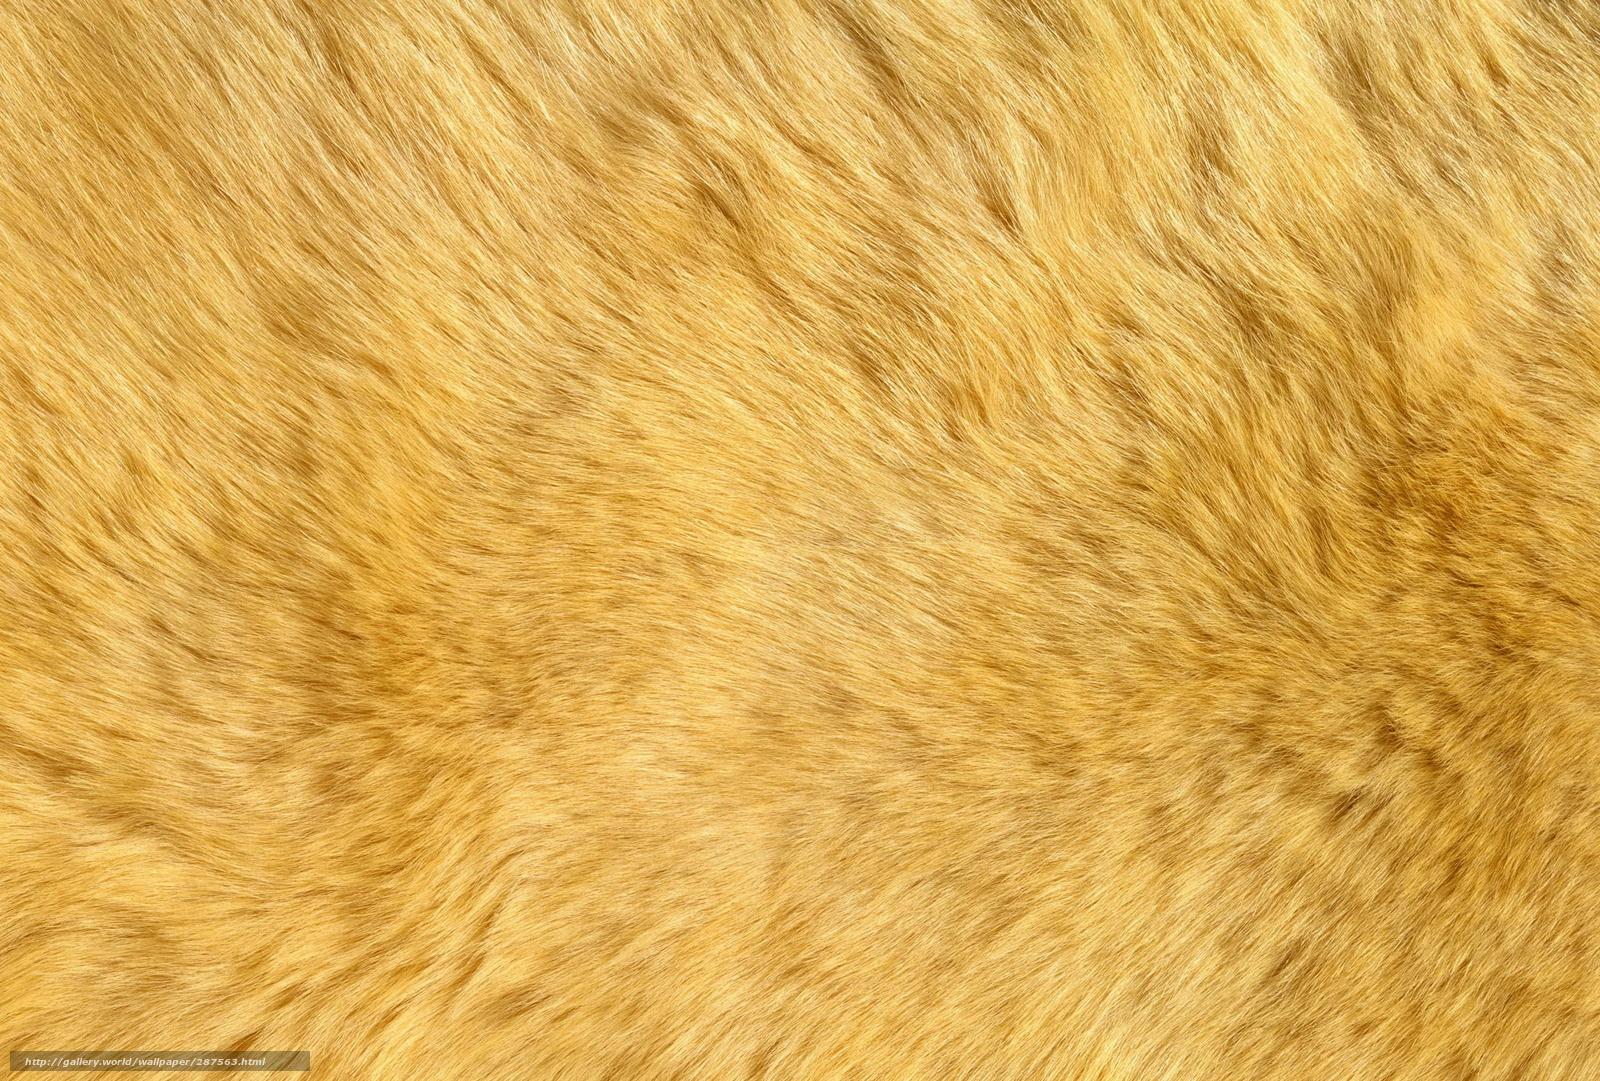 tlcharger fond d 39 ecran peau d 39 ours polaire fourrure peau fonds d 39 ecran gratuits pour votre. Black Bedroom Furniture Sets. Home Design Ideas